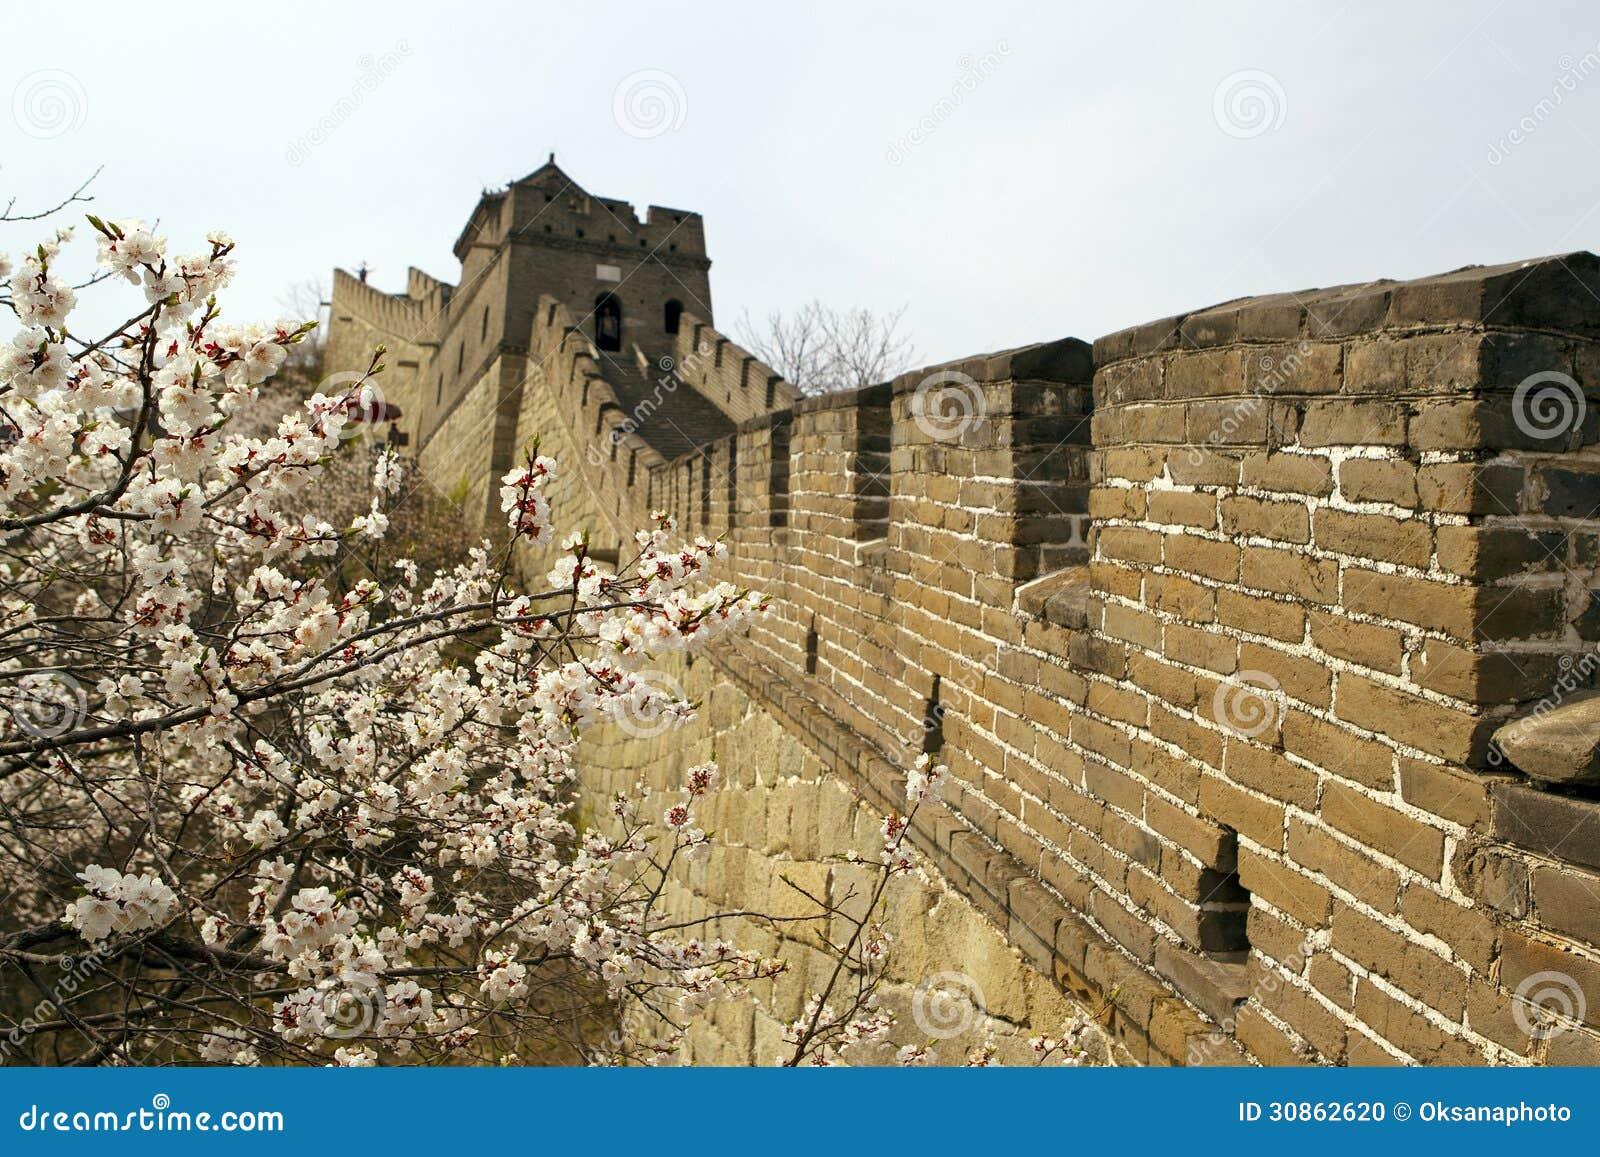 Grote Foto Op Muur.Grote Muur Van China Stock Foto Afbeelding Bestaande Uit Sprawling